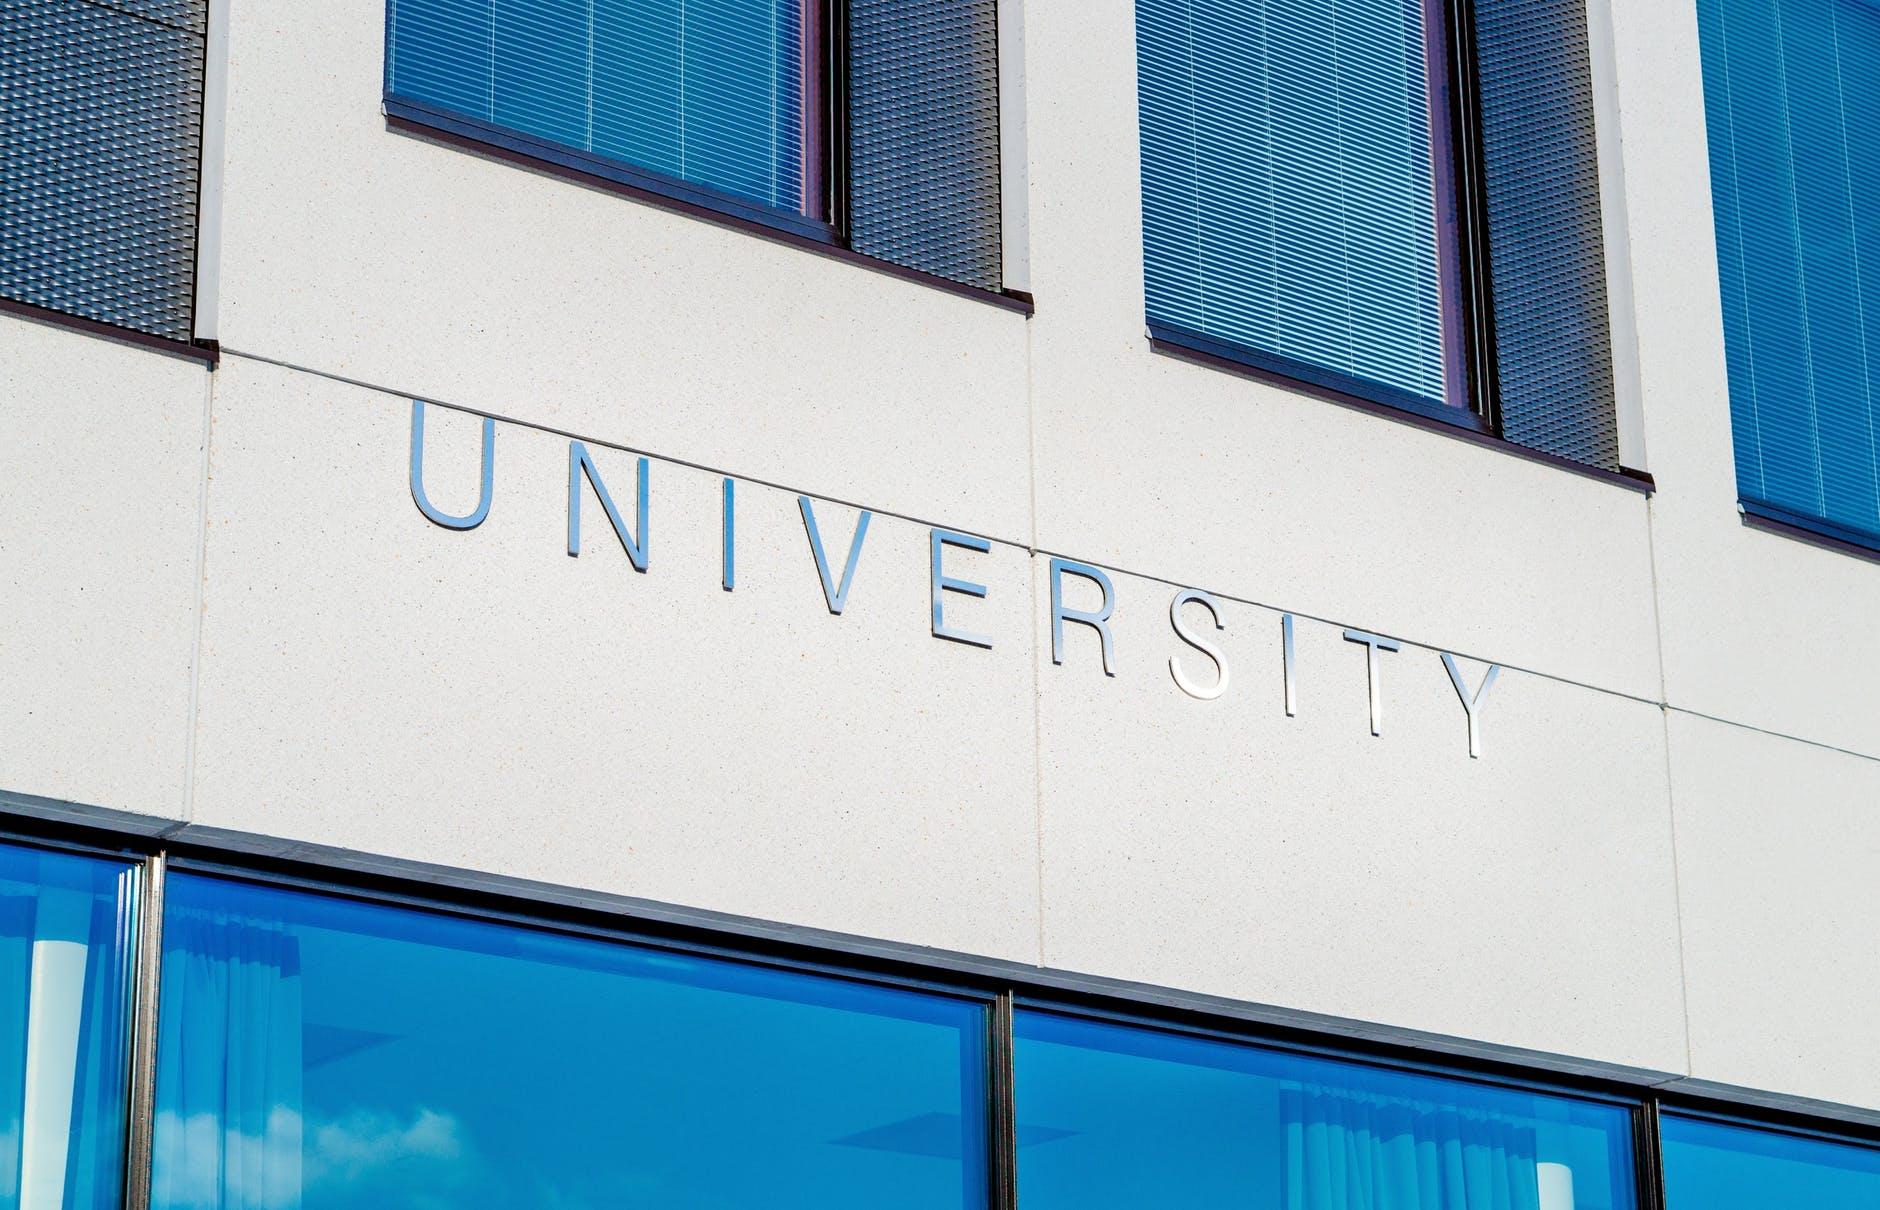 architecture building campus college